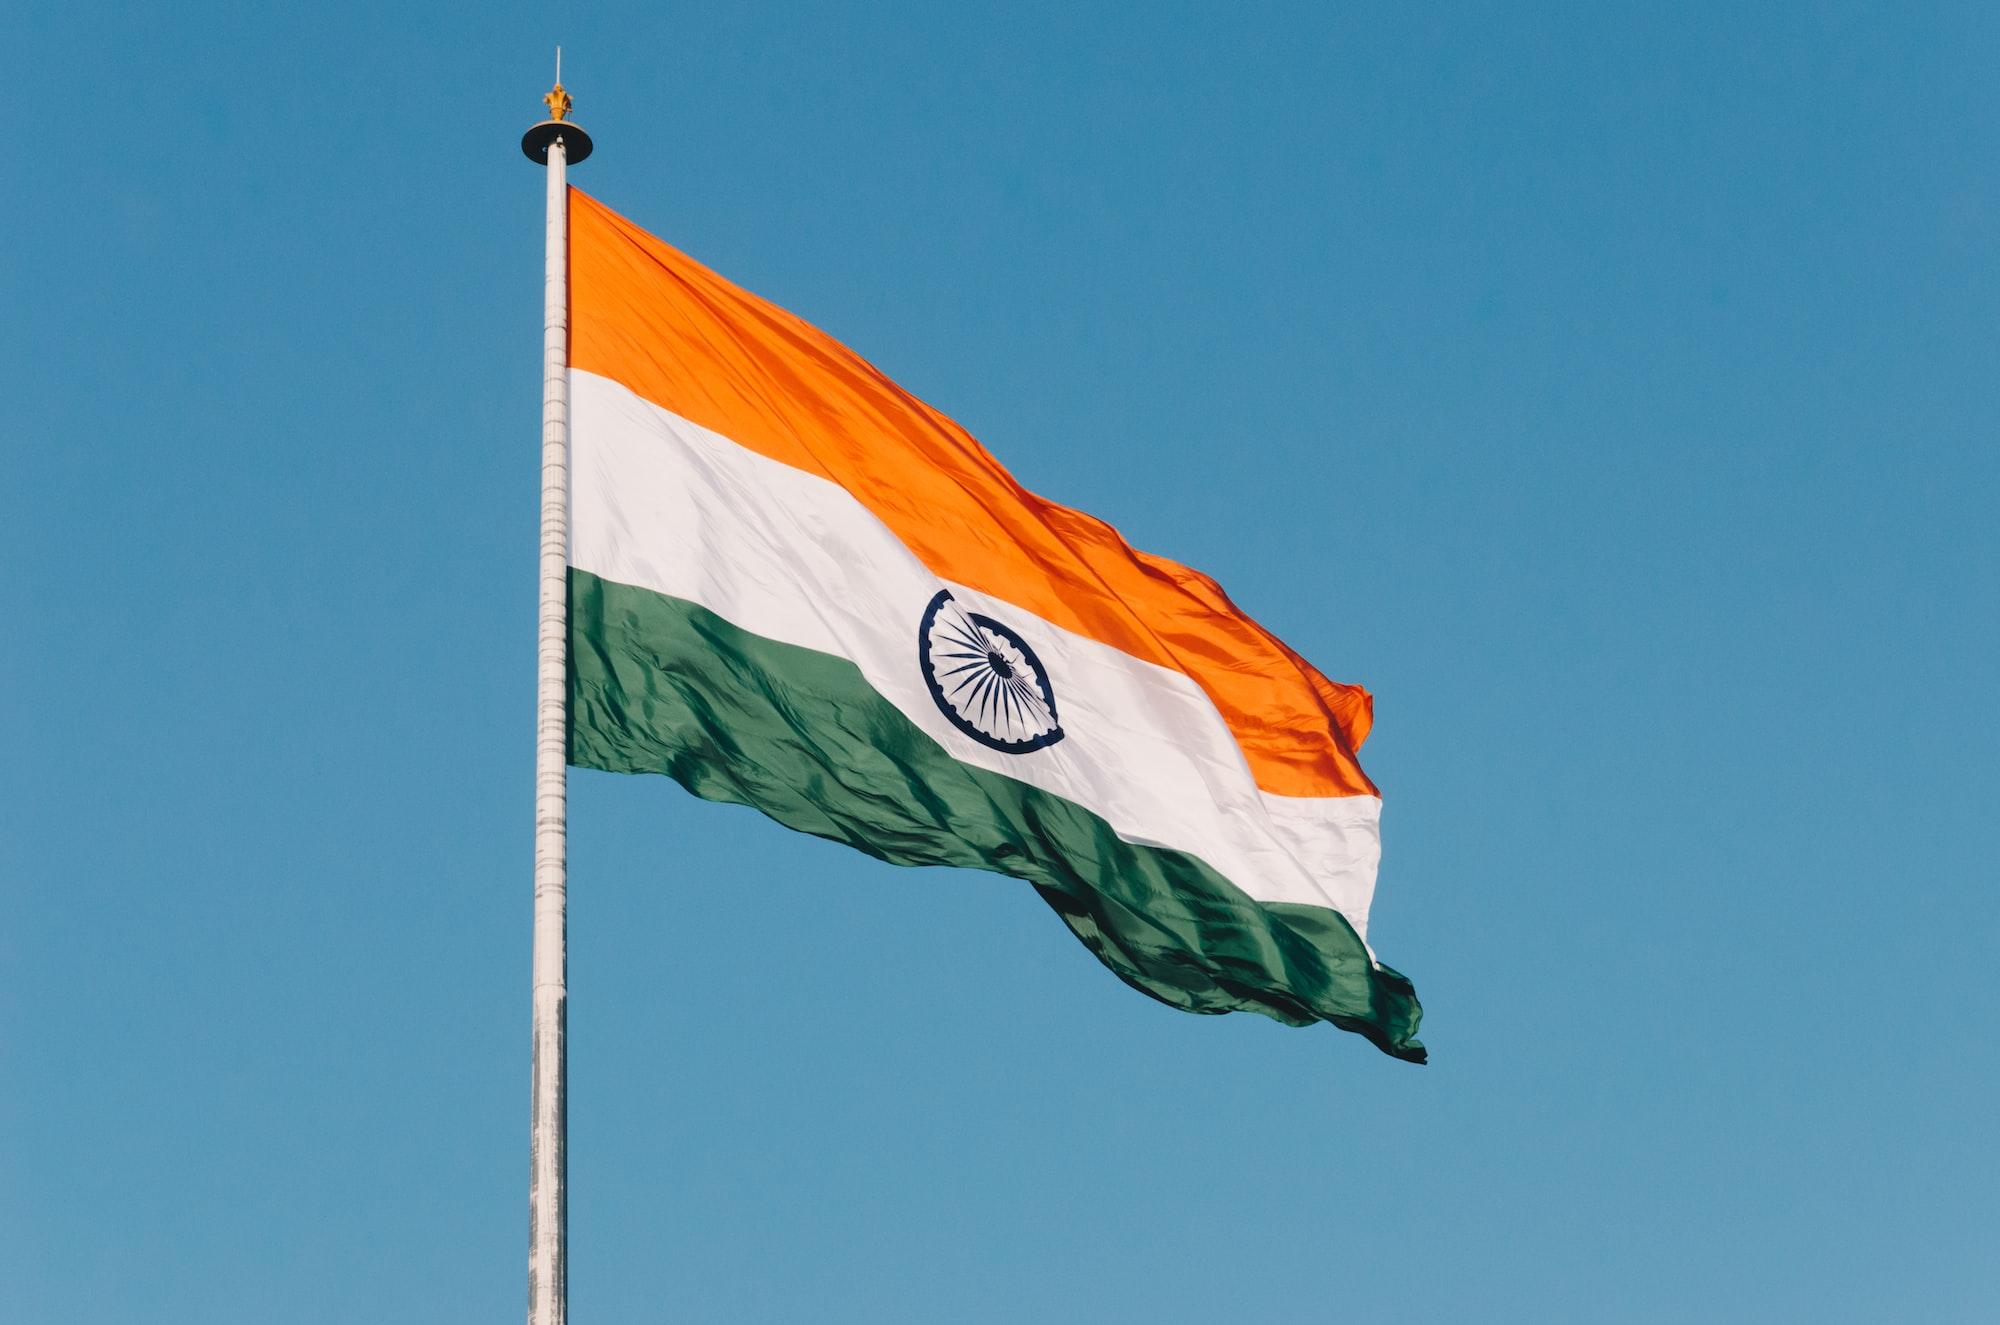 भारत की आजादी के 75 साल पूरे, देश के इस सफर पर चिंतन जरूरी!